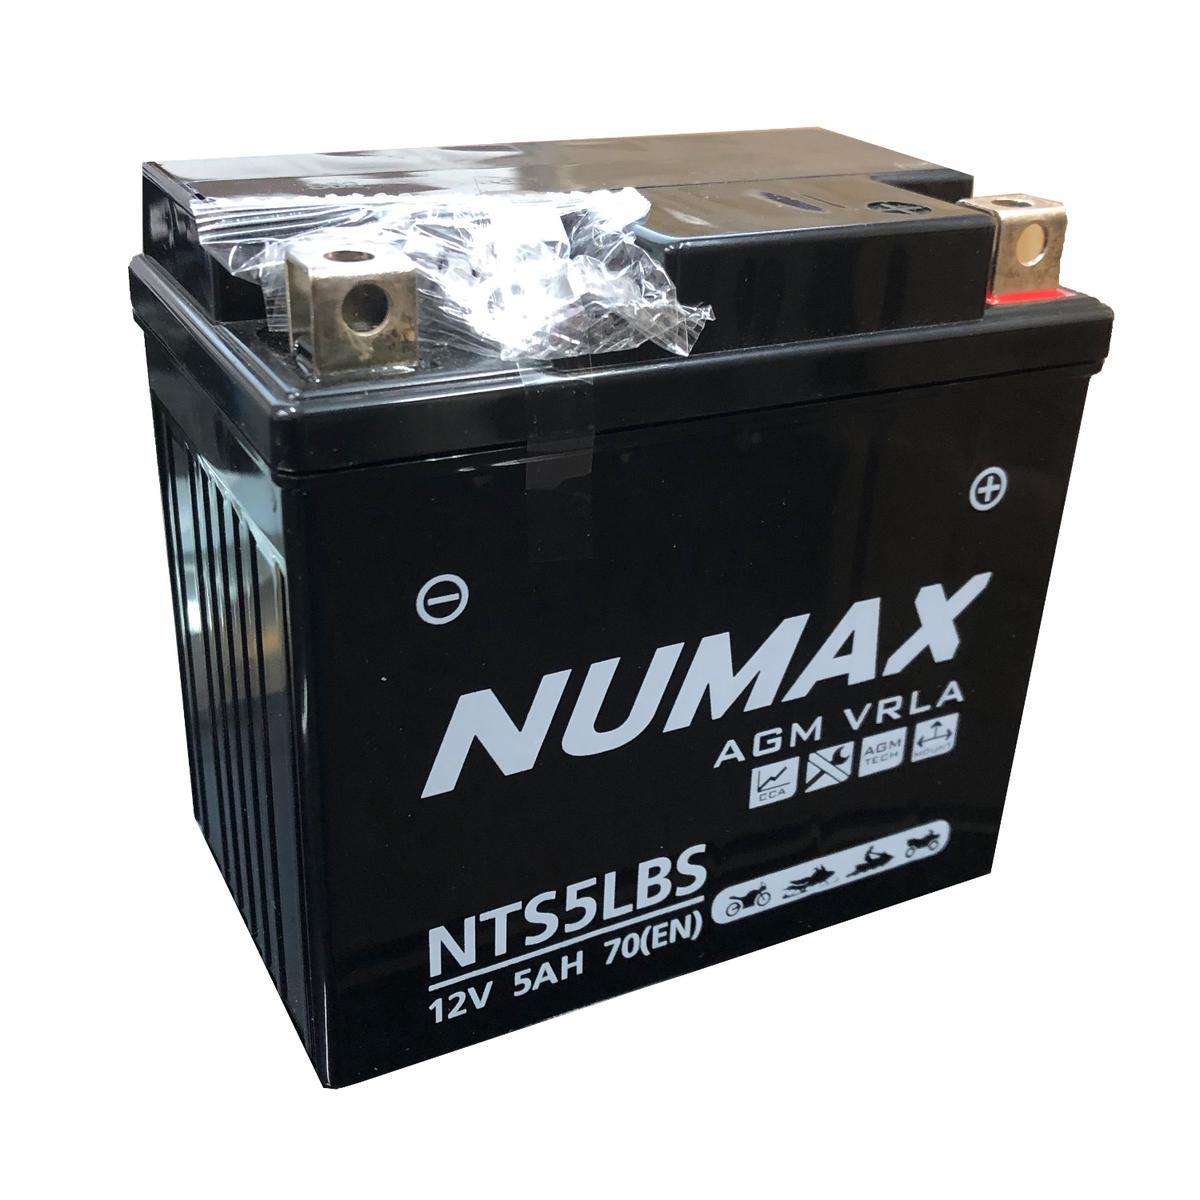 Numax 12v NTS5LBS Motorbike Bike Battery SUZUKI 80cc FB80D YTX5L-4